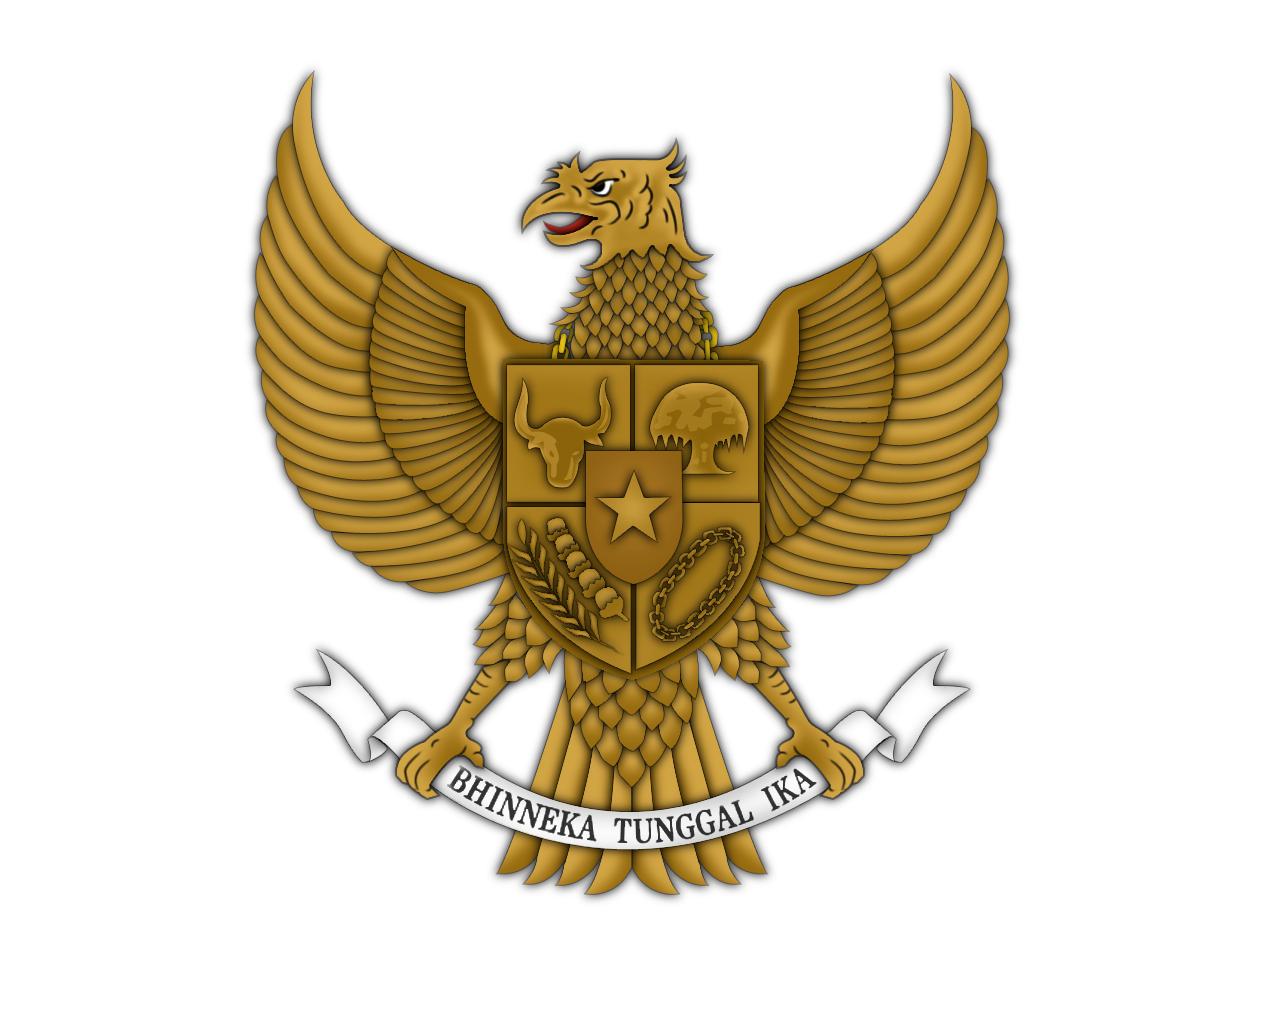 Garuda Indonesia By Zhim93 On DeviantArt